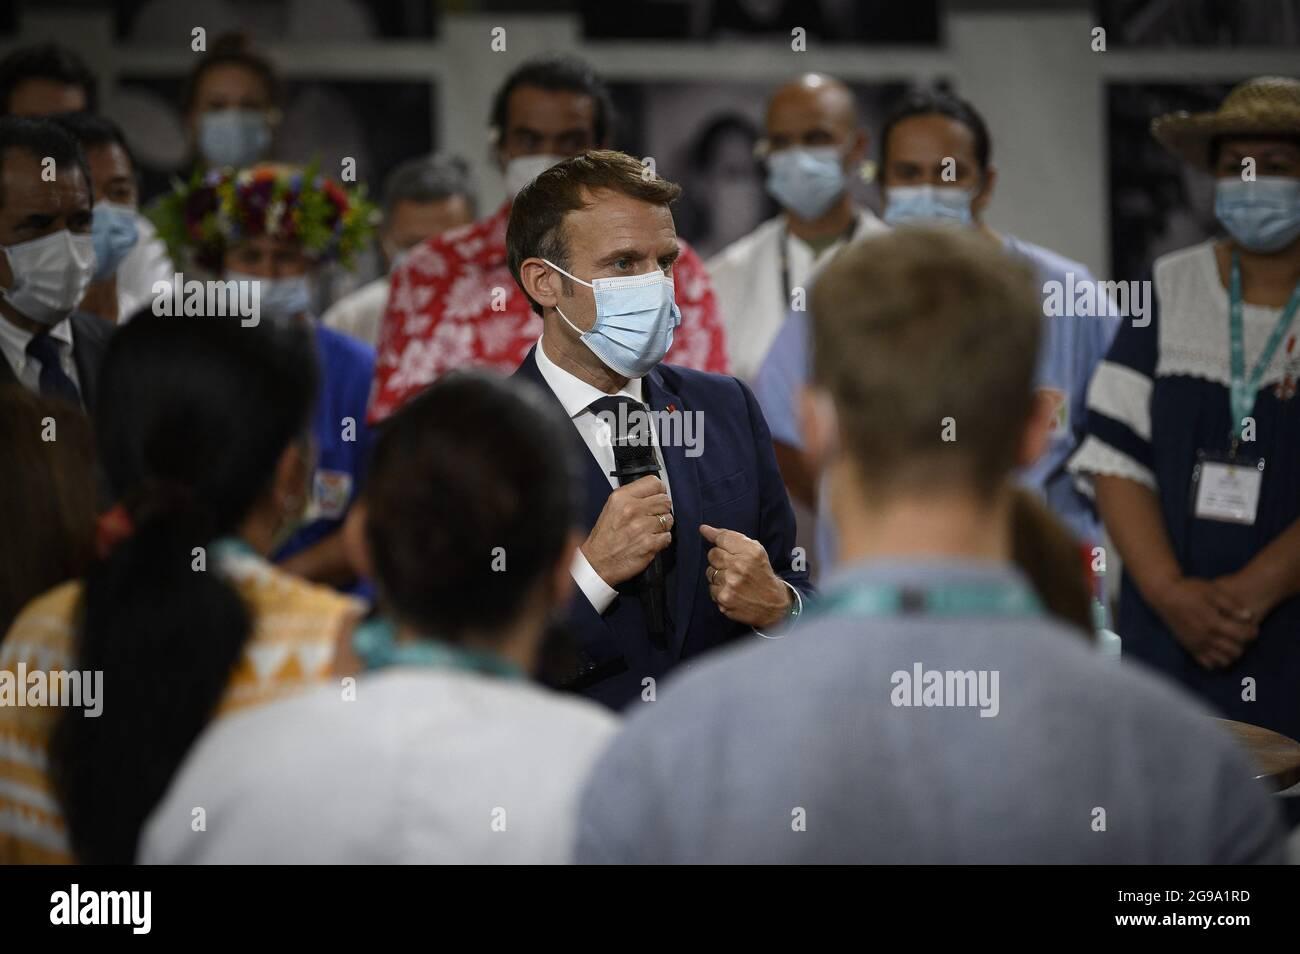 El presidente de Francia, Emmanuel Macron (C), habla con médicos y enfermeras que trabajan en el Centro Hospitalario de la Polinesia Francesa en Papeete después de su llegada a Tahití, en la Polinesia Francesa, el 24 de julio de 2021. Foto de Eliot Blondt/ABACAPRESS.COM Foto de stock